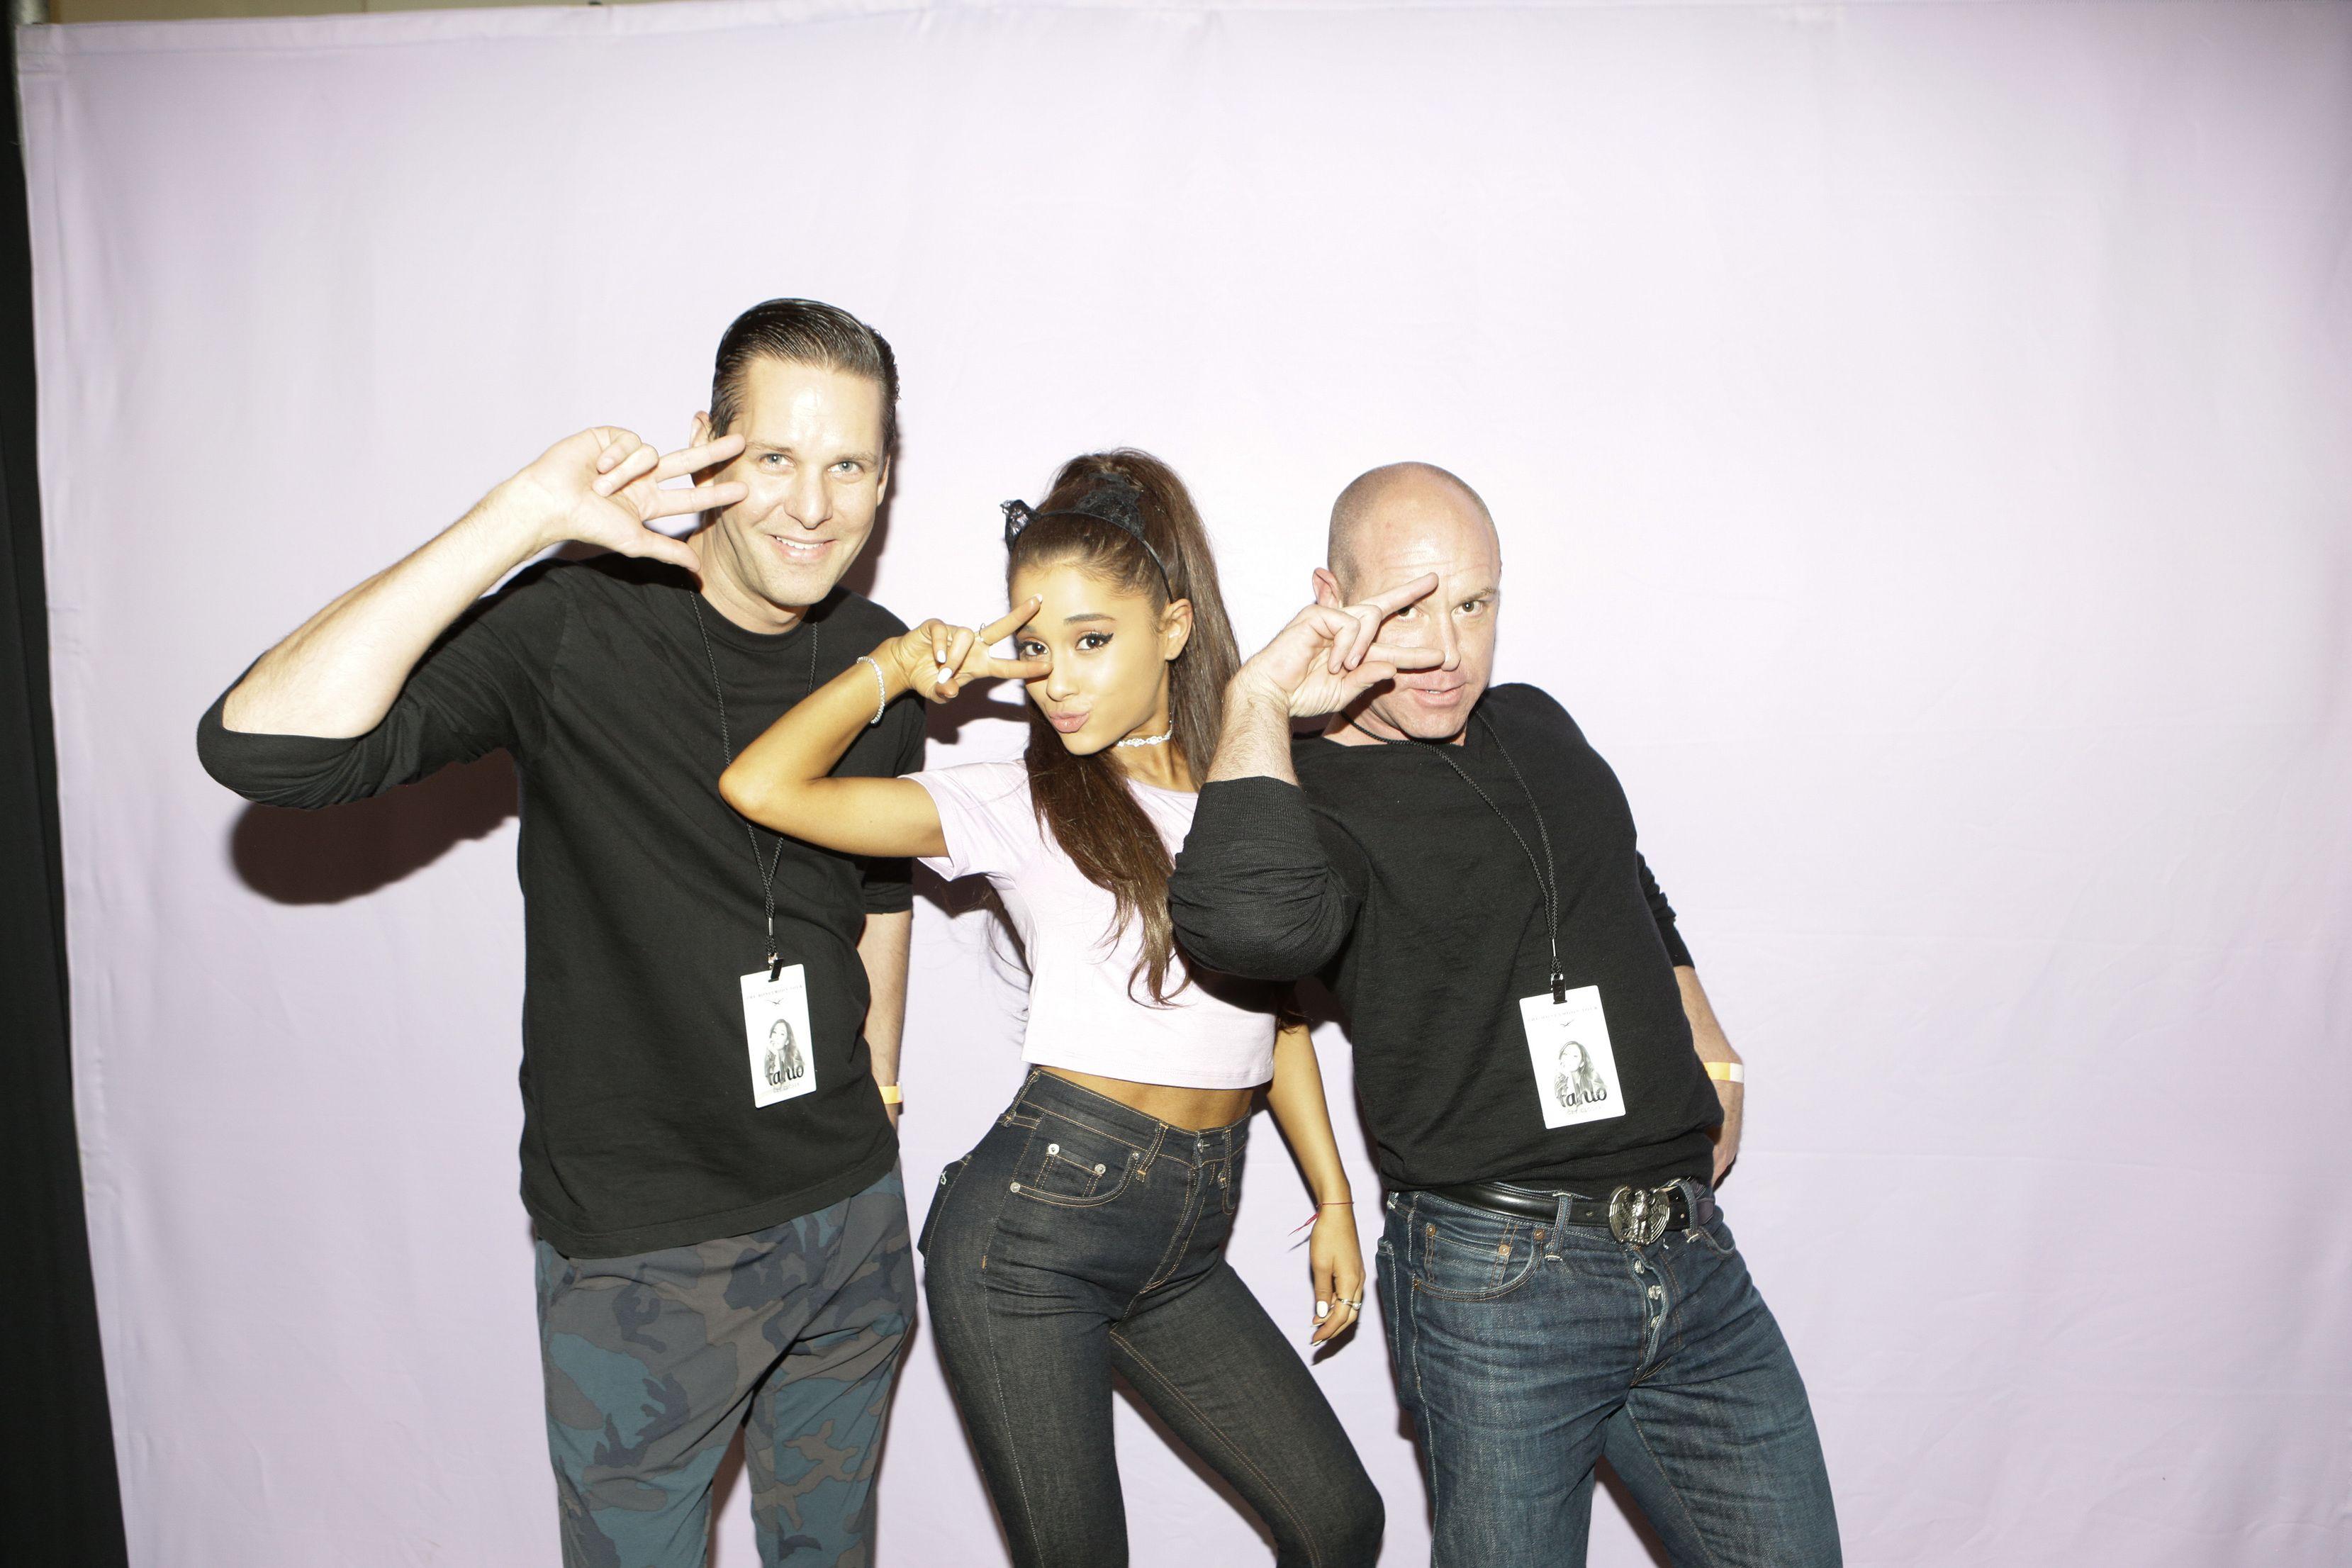 Ariana Grande Honeymoon Tour Meet N Greet Meet And Great Goals